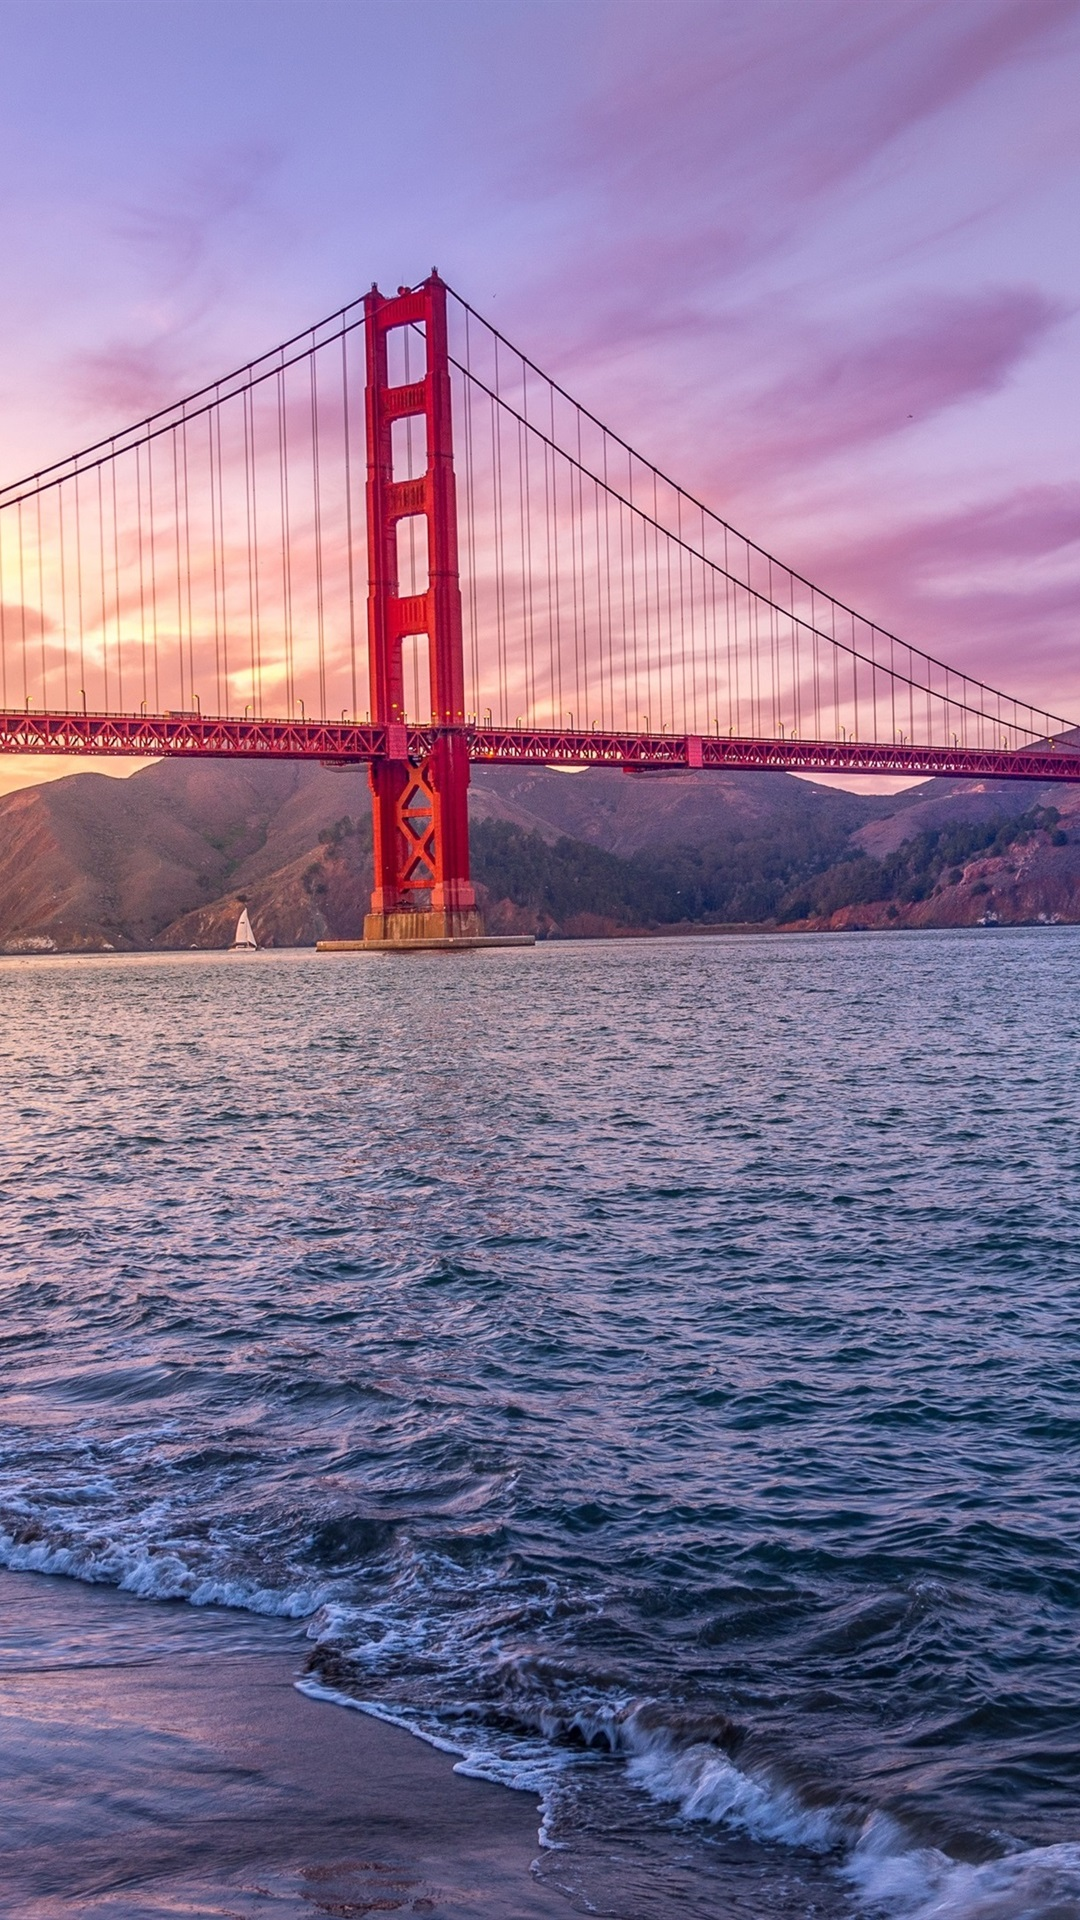 Iphone Wallpaper Golden Gate Bridge, California, Usa, - Golden Gate Bridge Phone - HD Wallpaper